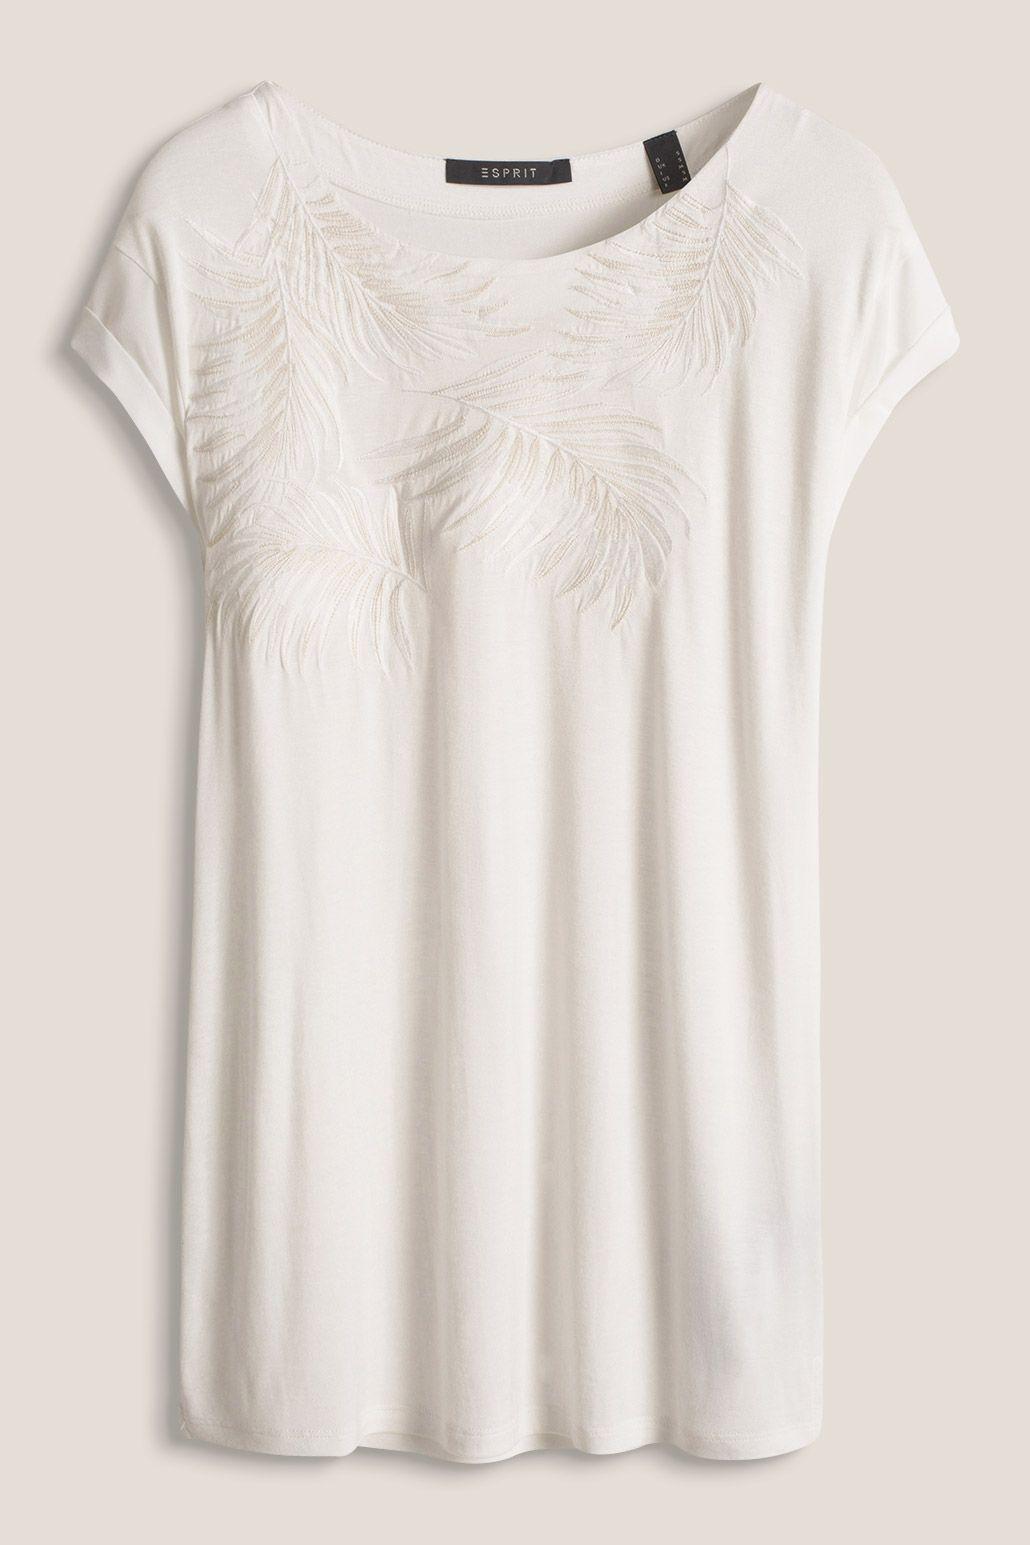 094147881 Esprit   Camisetas estampadas en la Online-Shop